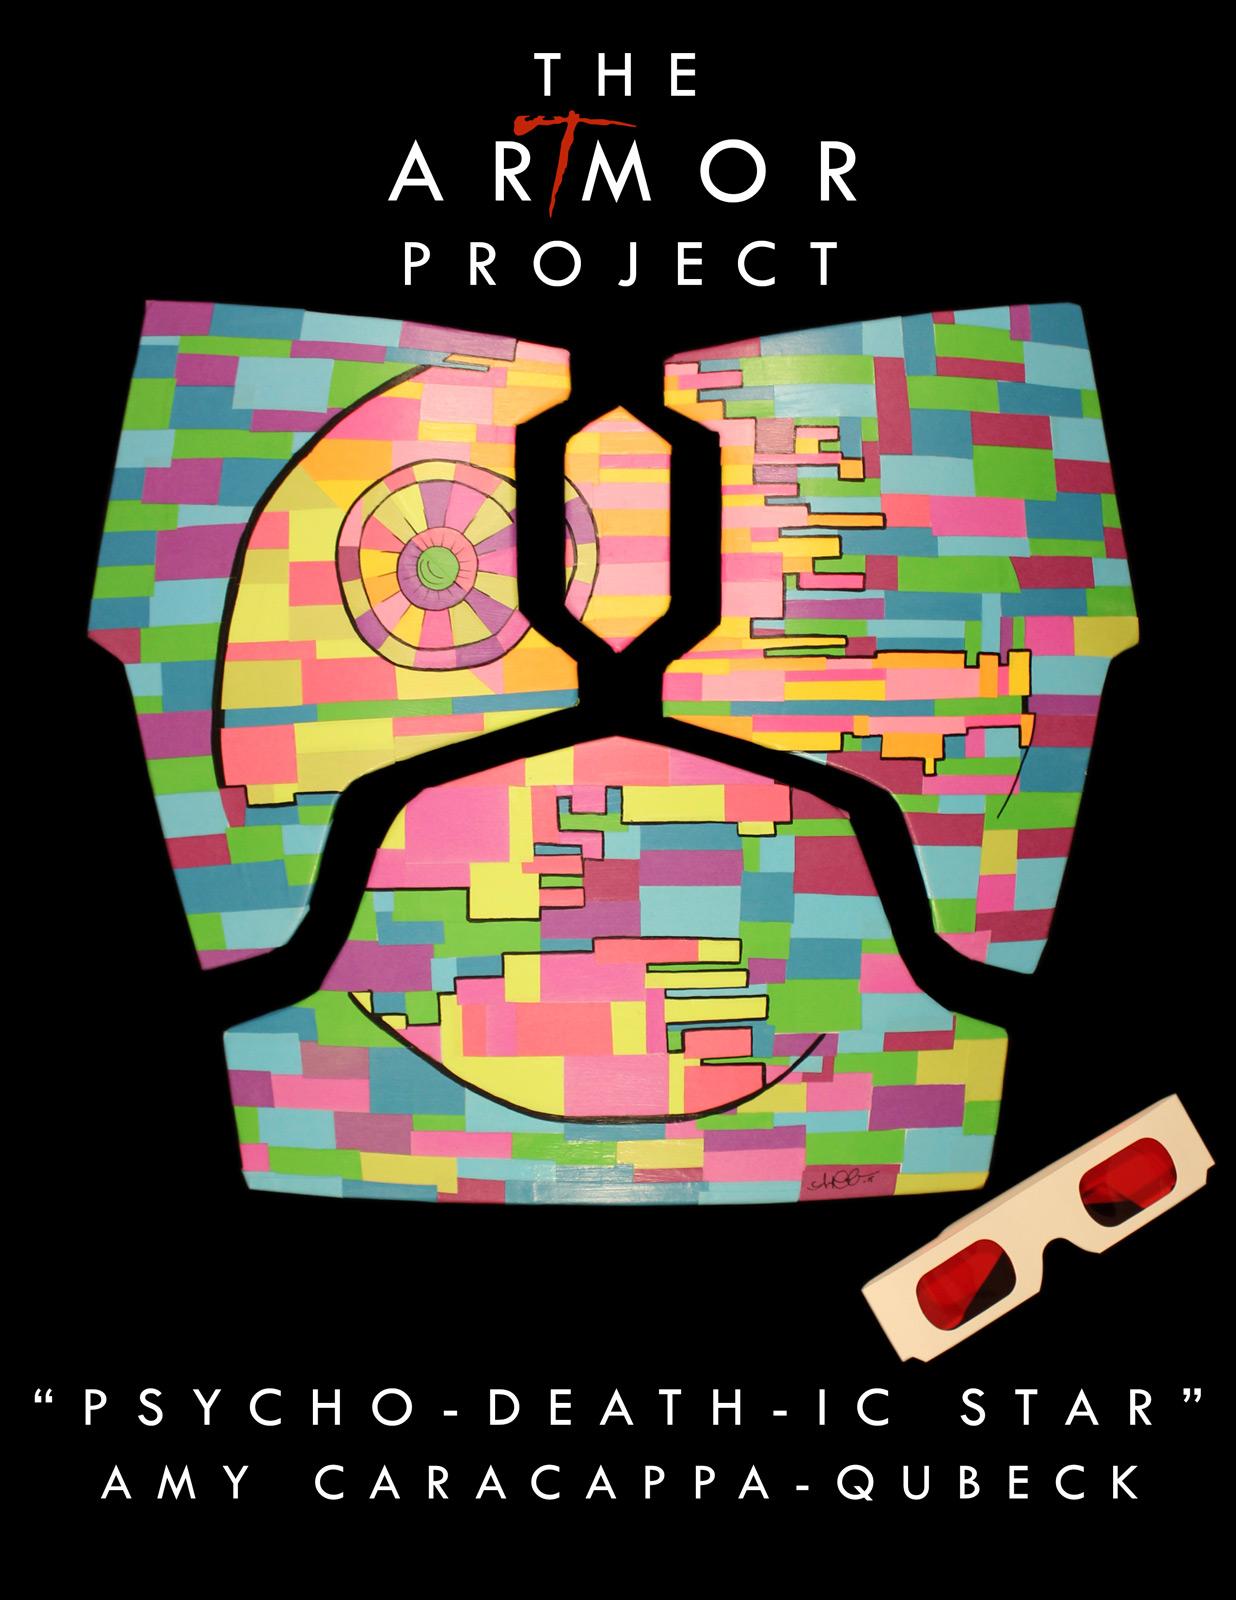 ArTmor 2015: Psycho-Death-ic-Star